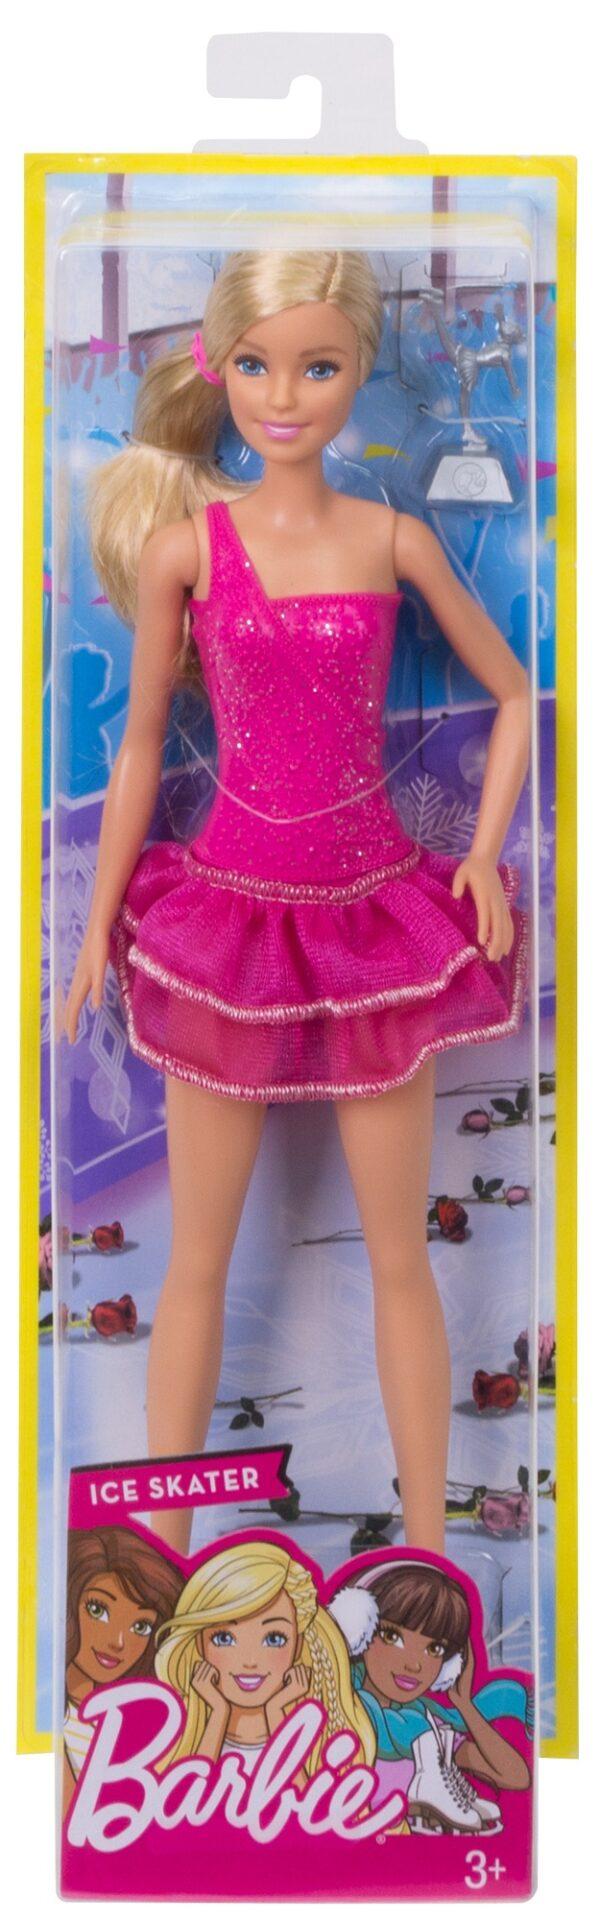 ALTRI Barbie Barbie Carriere Assortimento 12-36 Mesi, 3-5 Anni Femmina